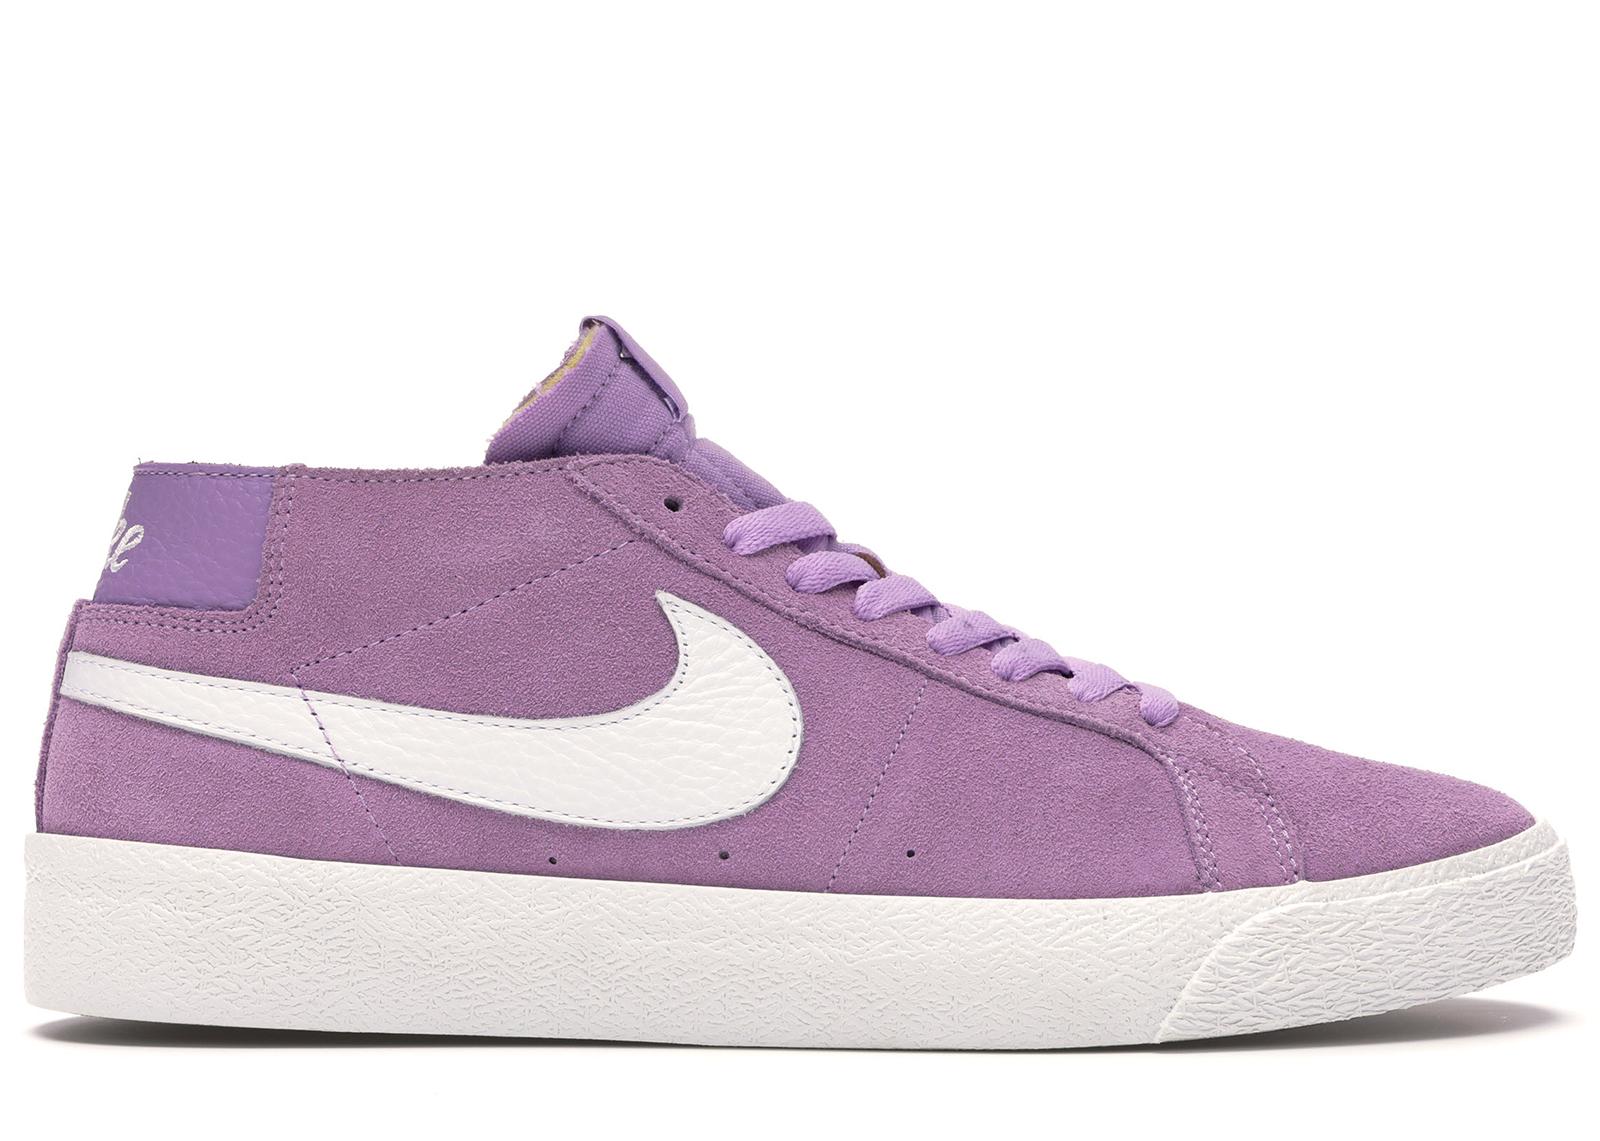 Nike SB Zoom Blazer Chukka Violet Star - AT9765-500